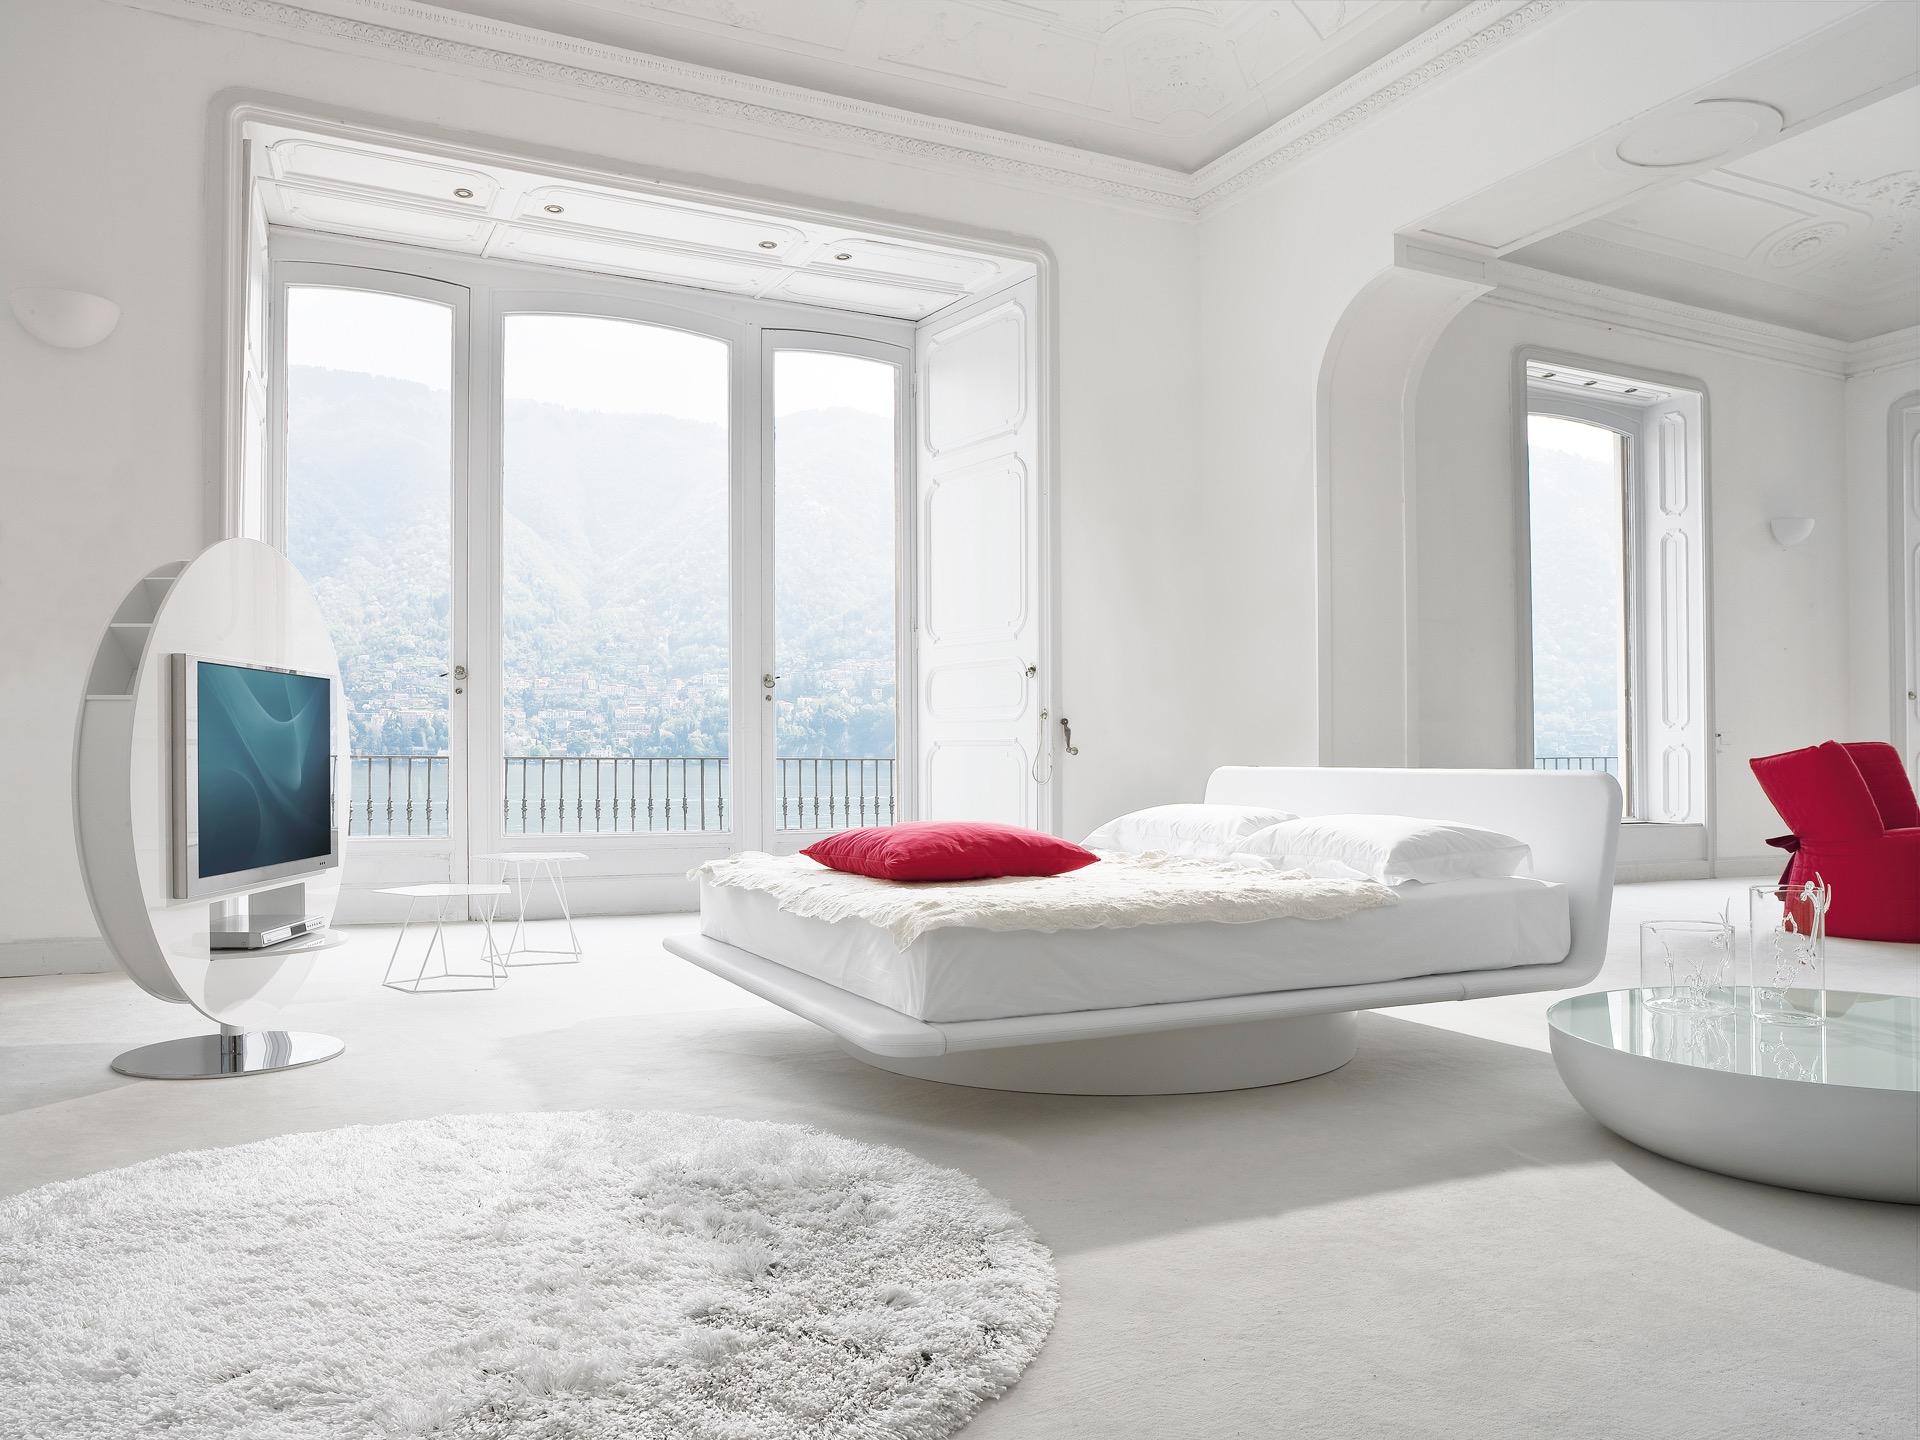 Le nostre migliori proposte per Arredamento Moderno Lotto Milano Lotto Milano